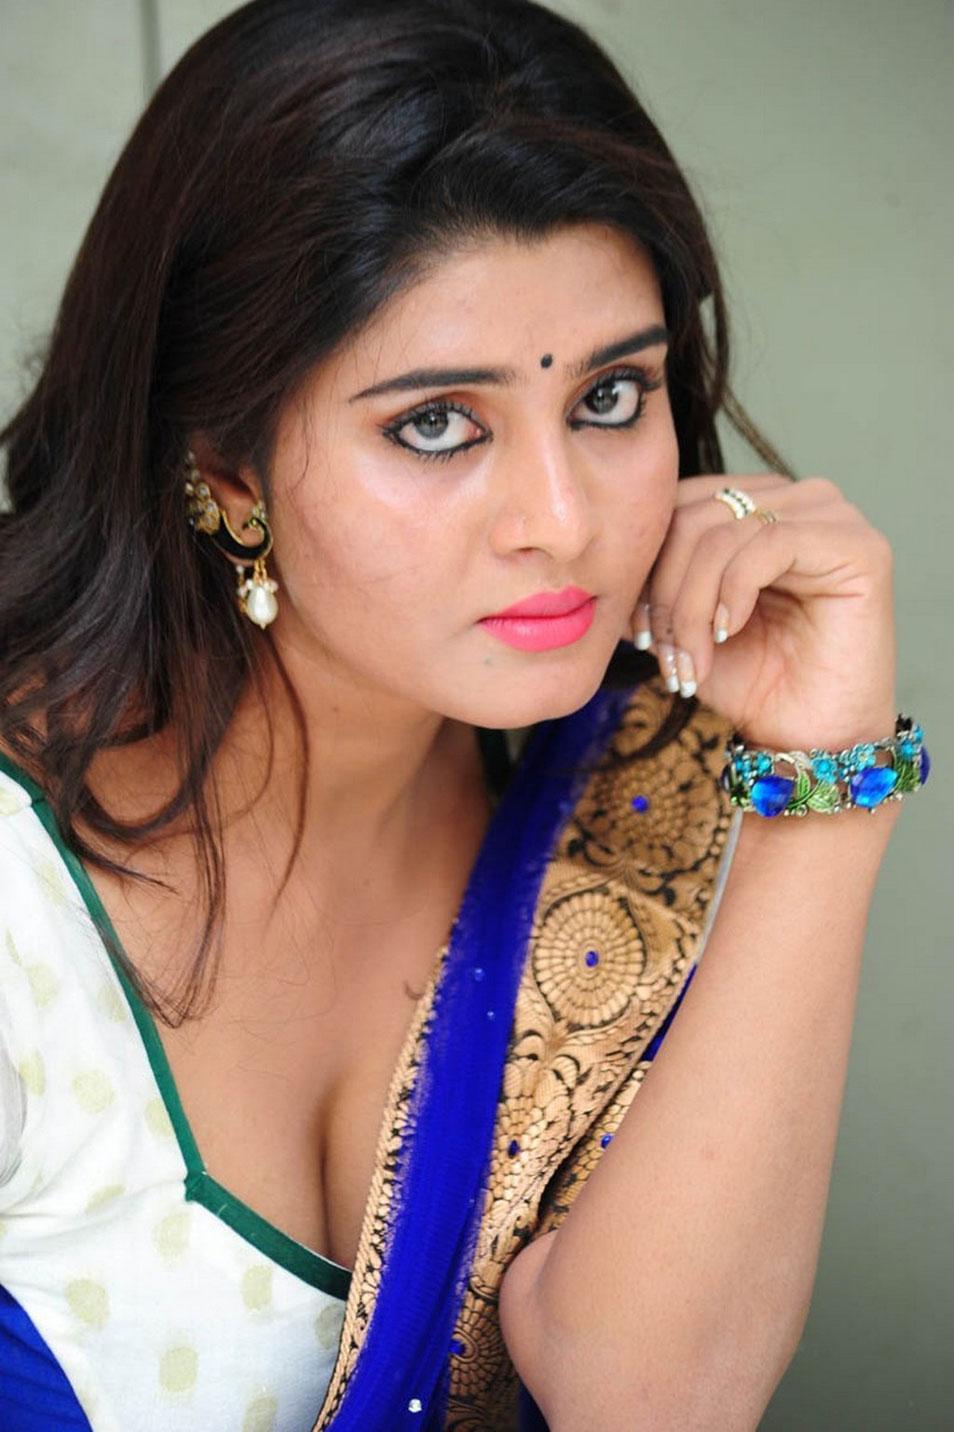 Telugu actress hot photos free download M - 2018 Actress Nude Photos